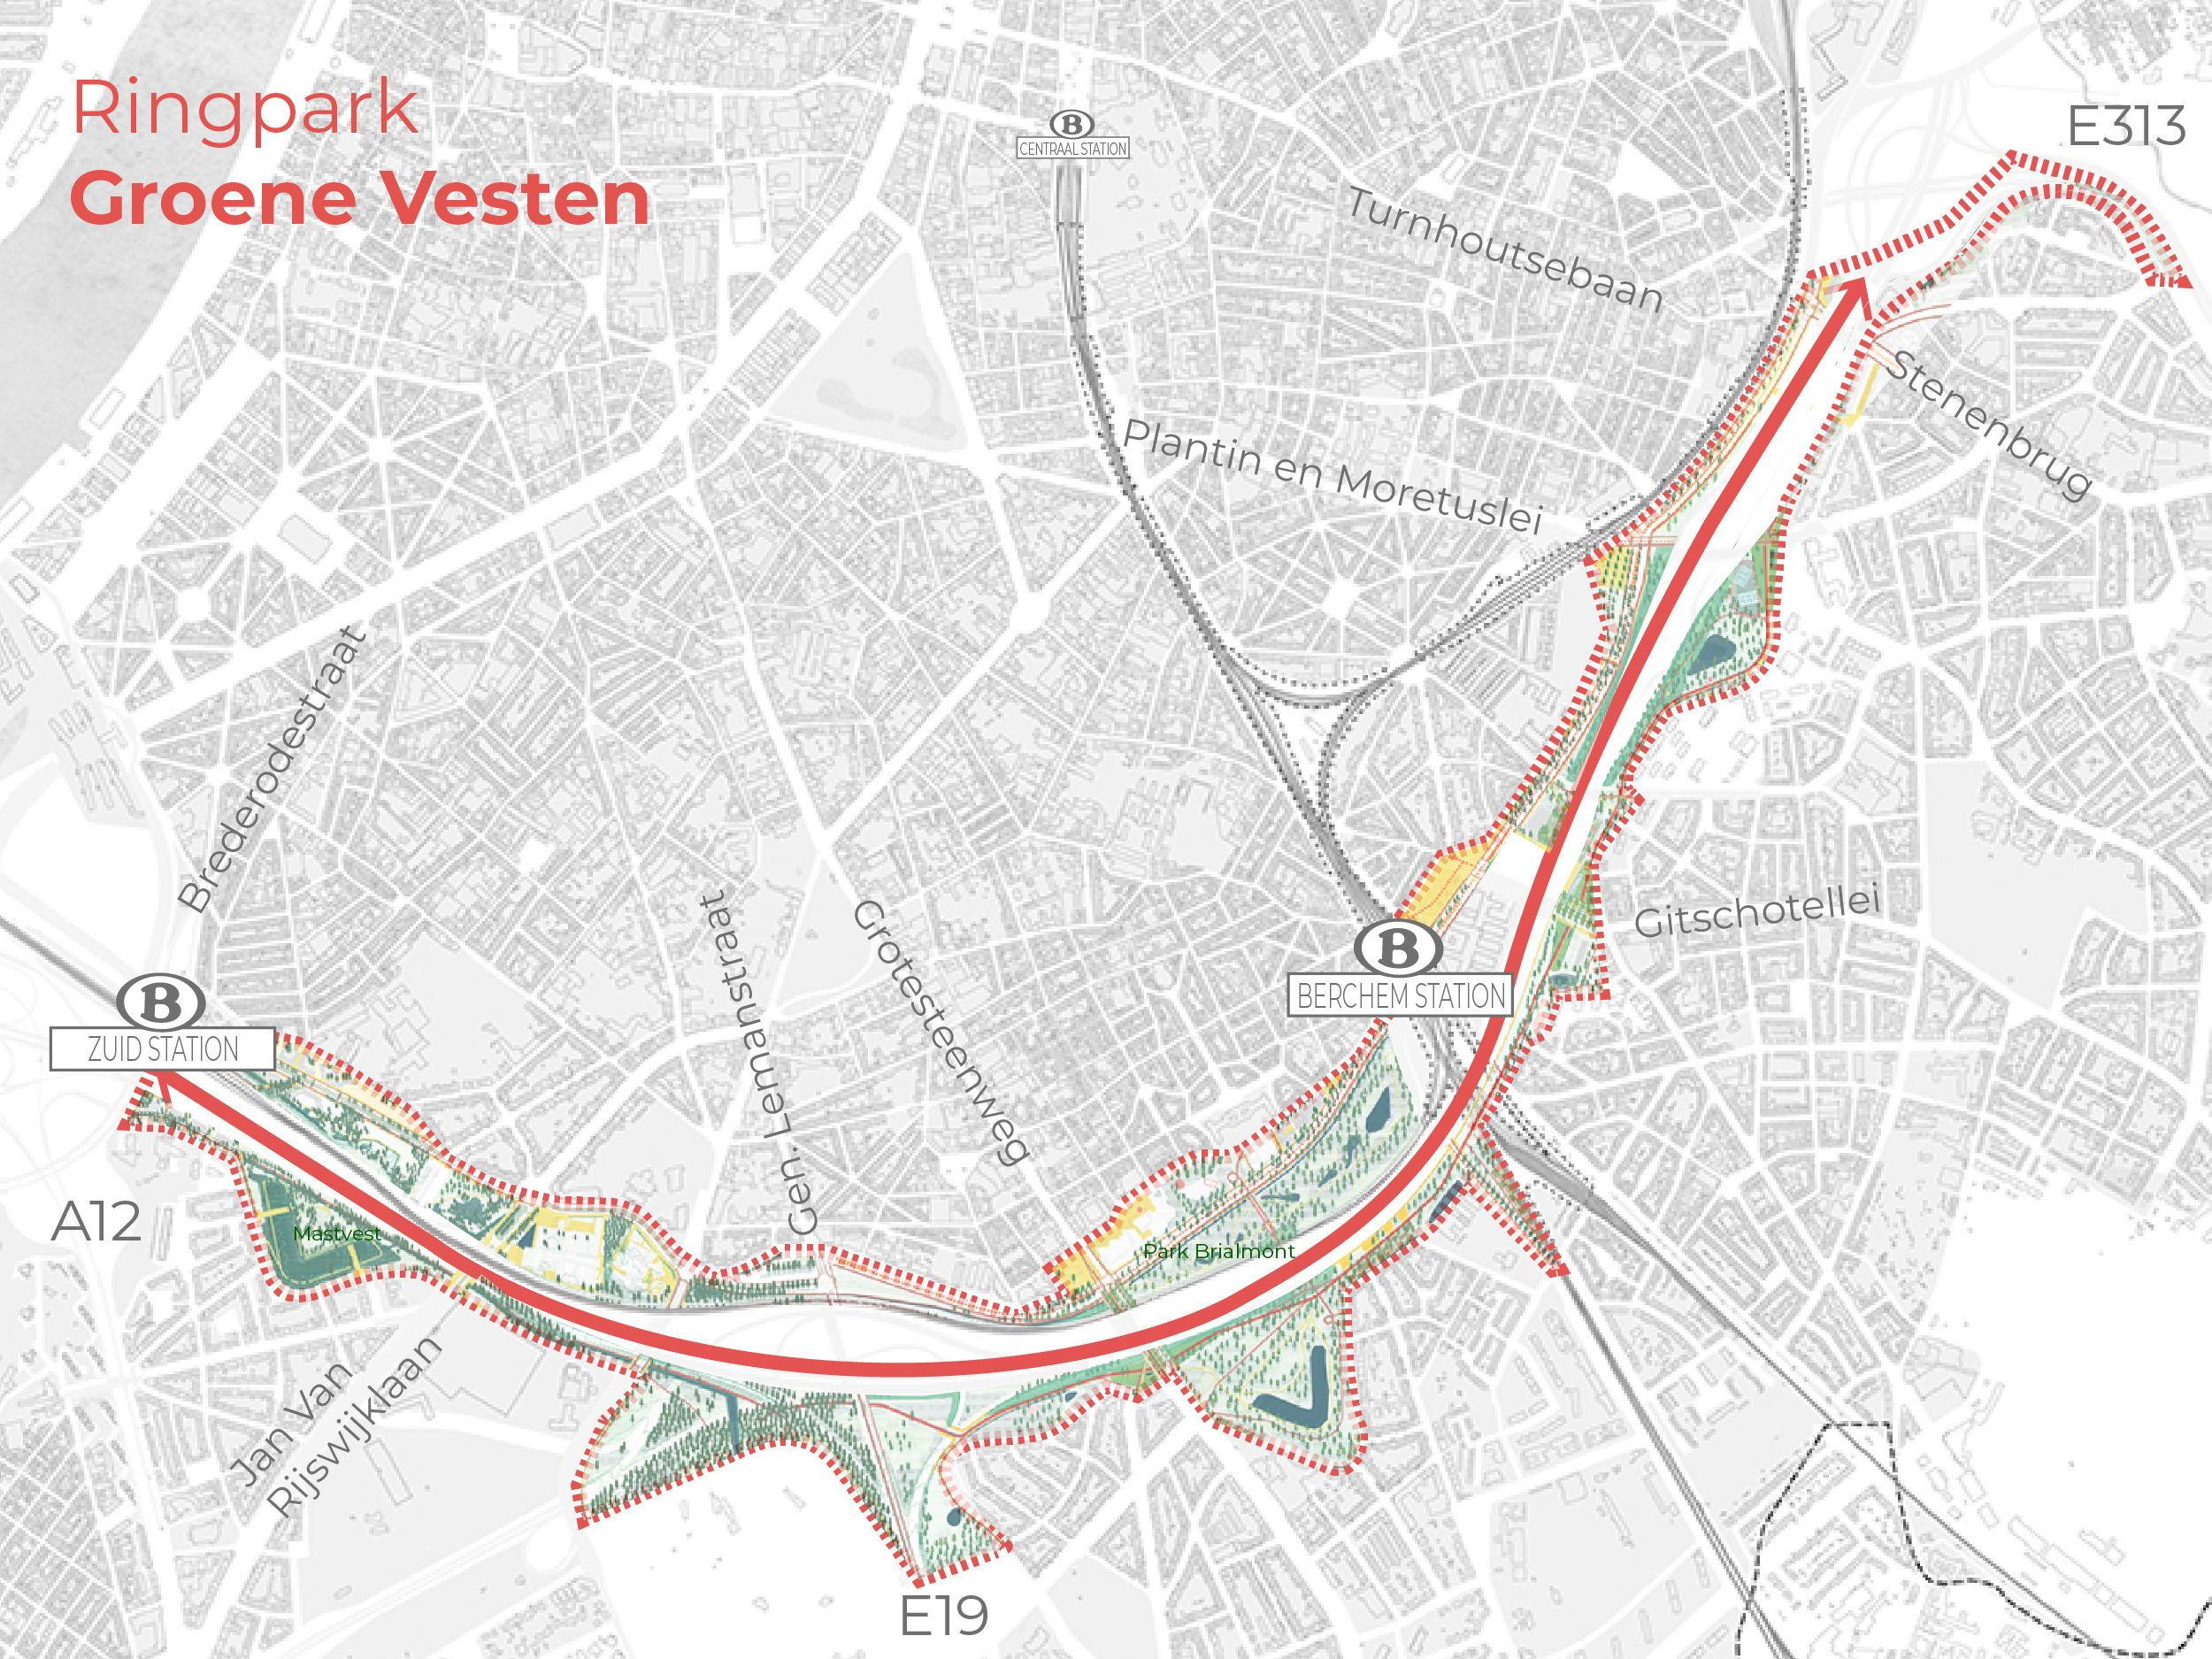 Het volledige gebied van Ringpark Groene Vesten aangeduid op kaart, het gebied loopt van aan de Kolonel Silvertonstraat in het zuiden tot aan het Rivierenhof in het oosten, en dit aan beide kanten van de Ring.